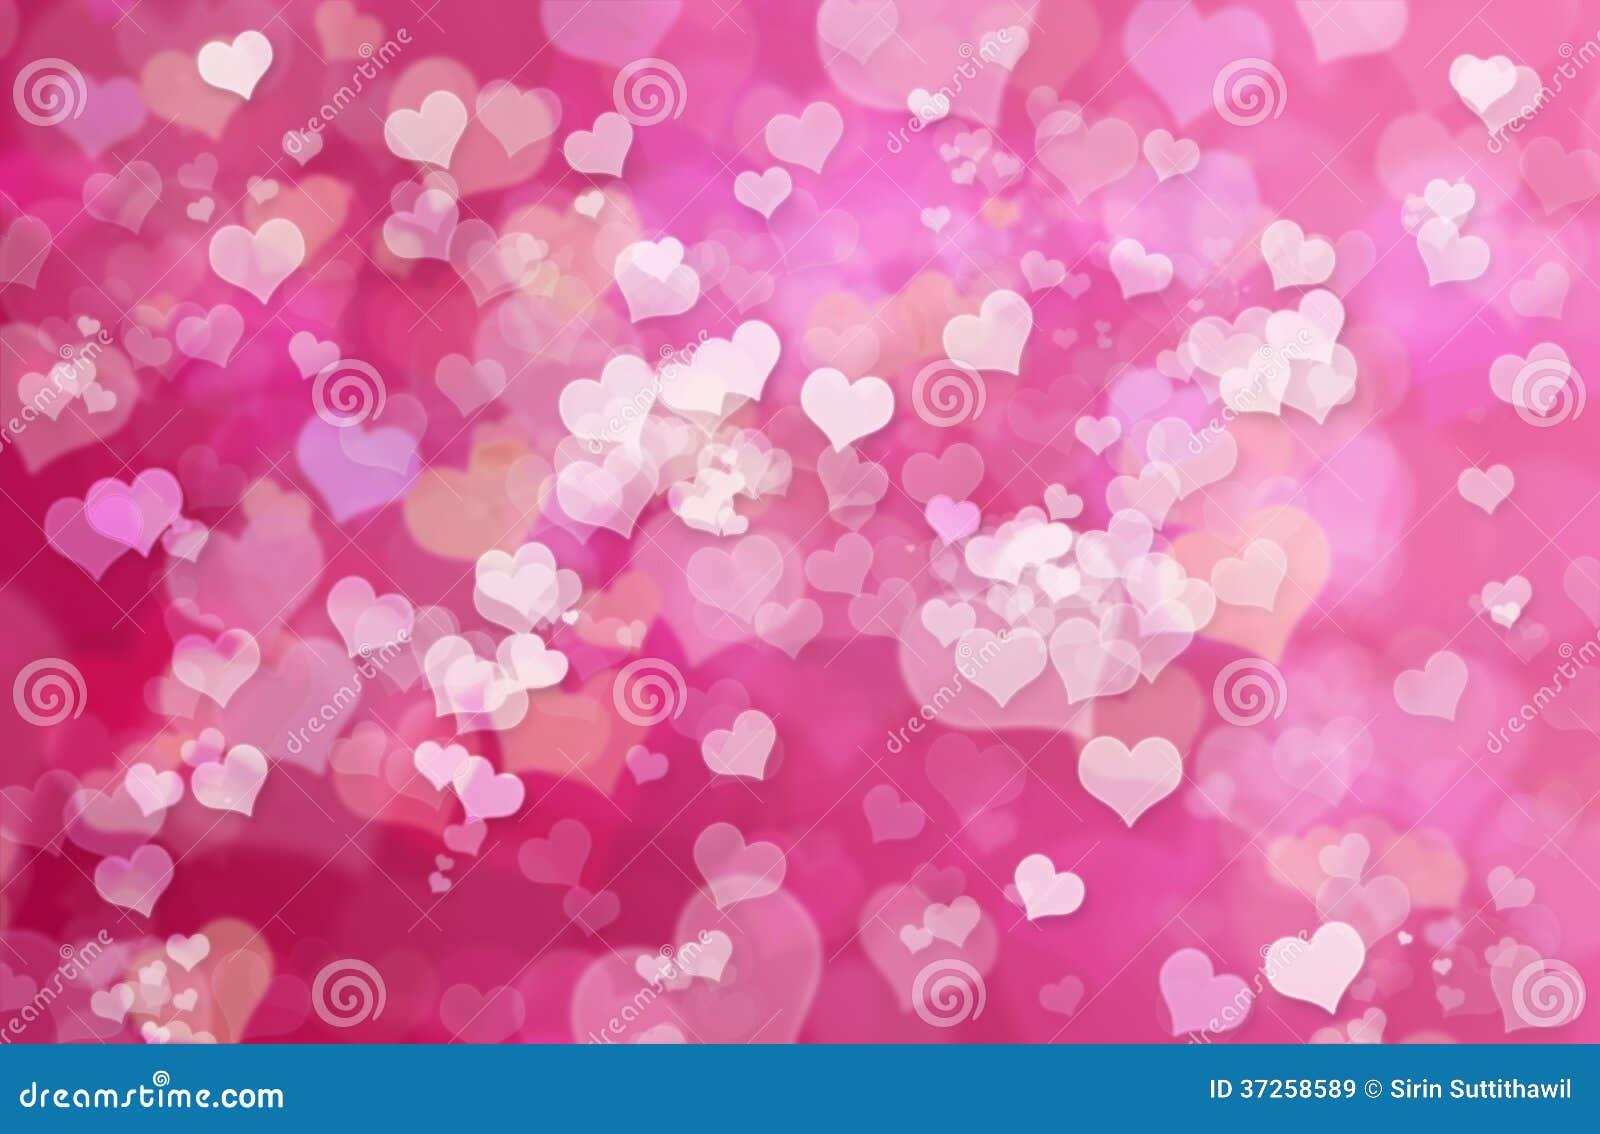 华伦泰心脏摘要桃红色背景:情人节墙纸